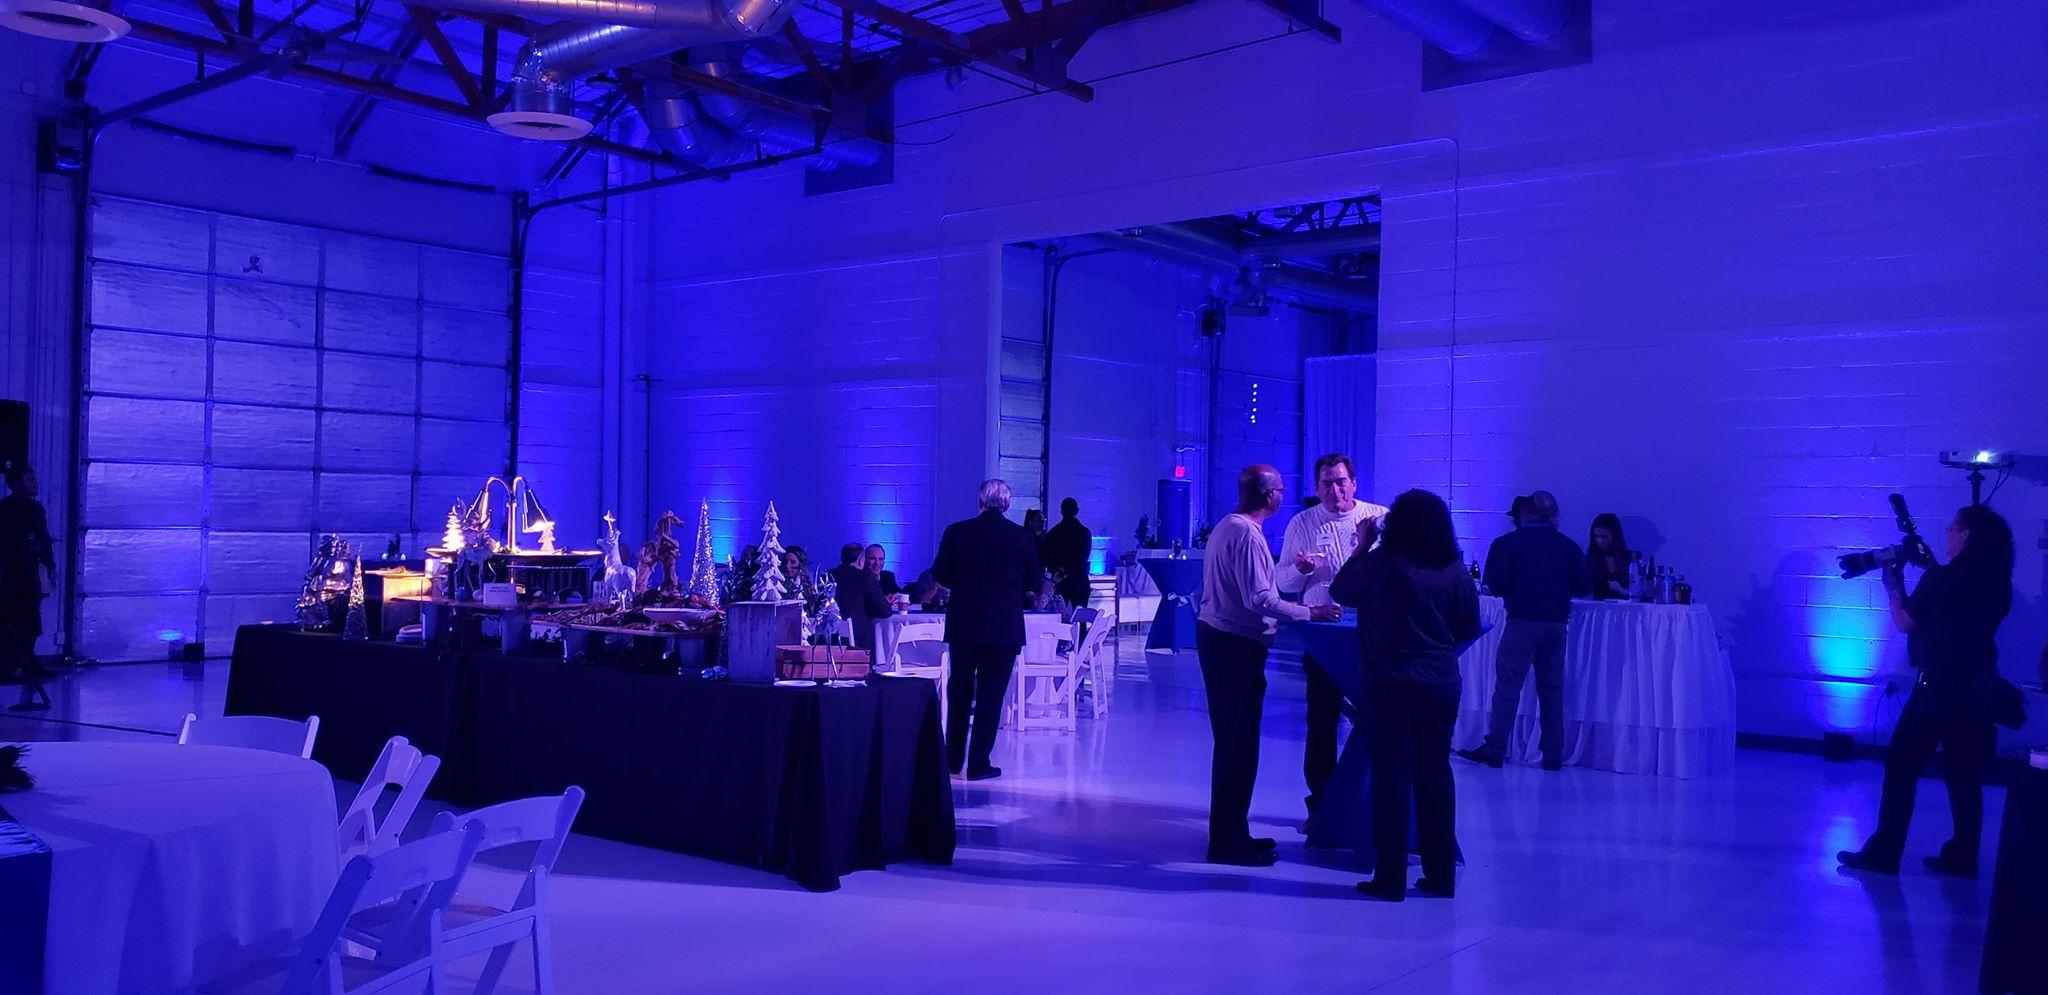 Luxury Lighting Heli Hangar Scottsdale